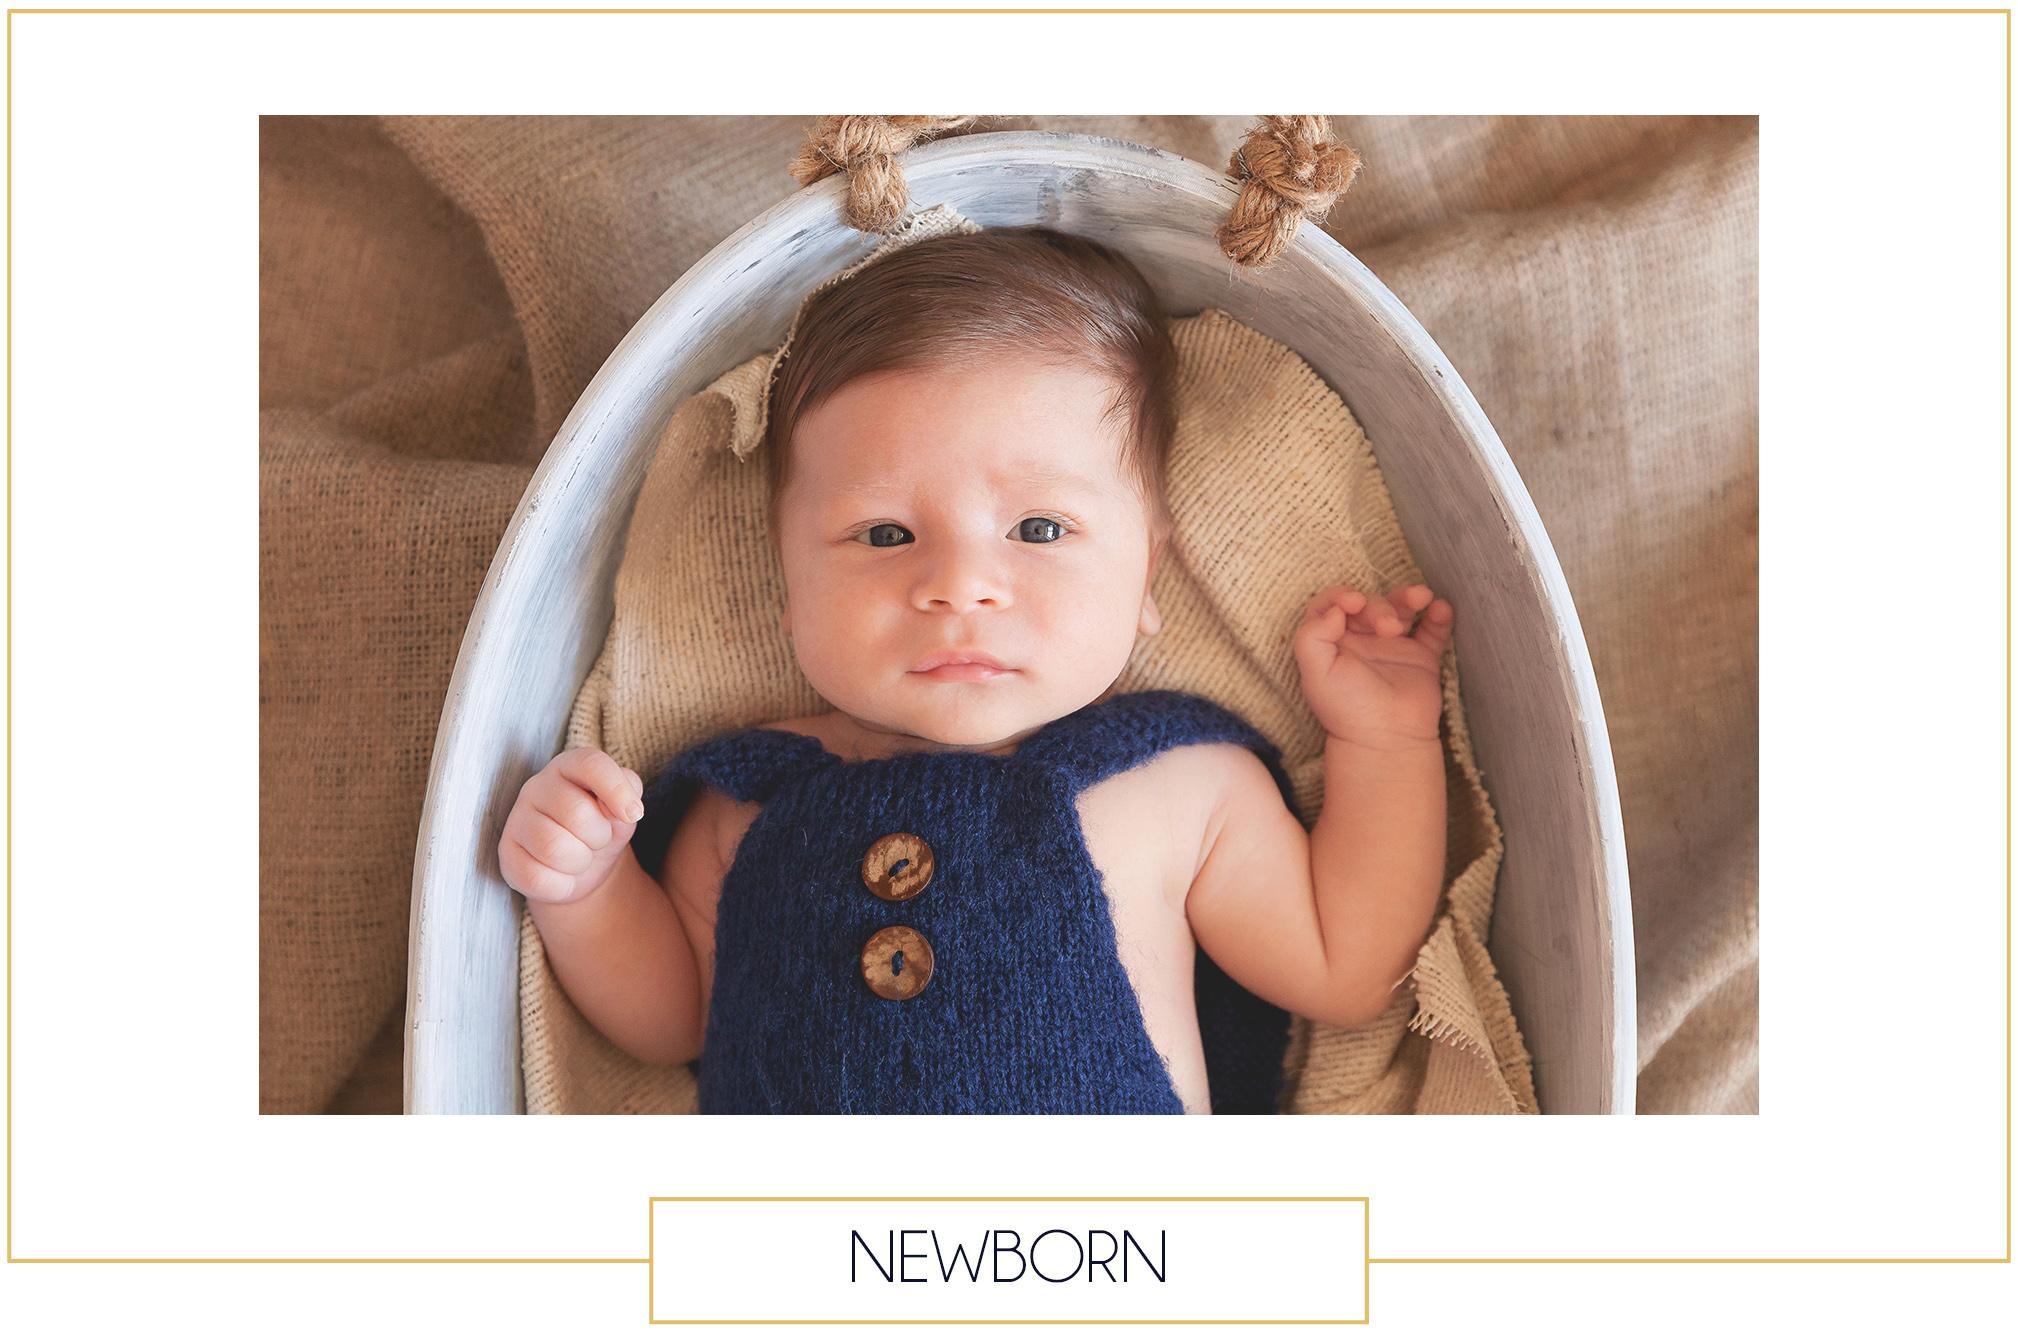 newborn1.jpg